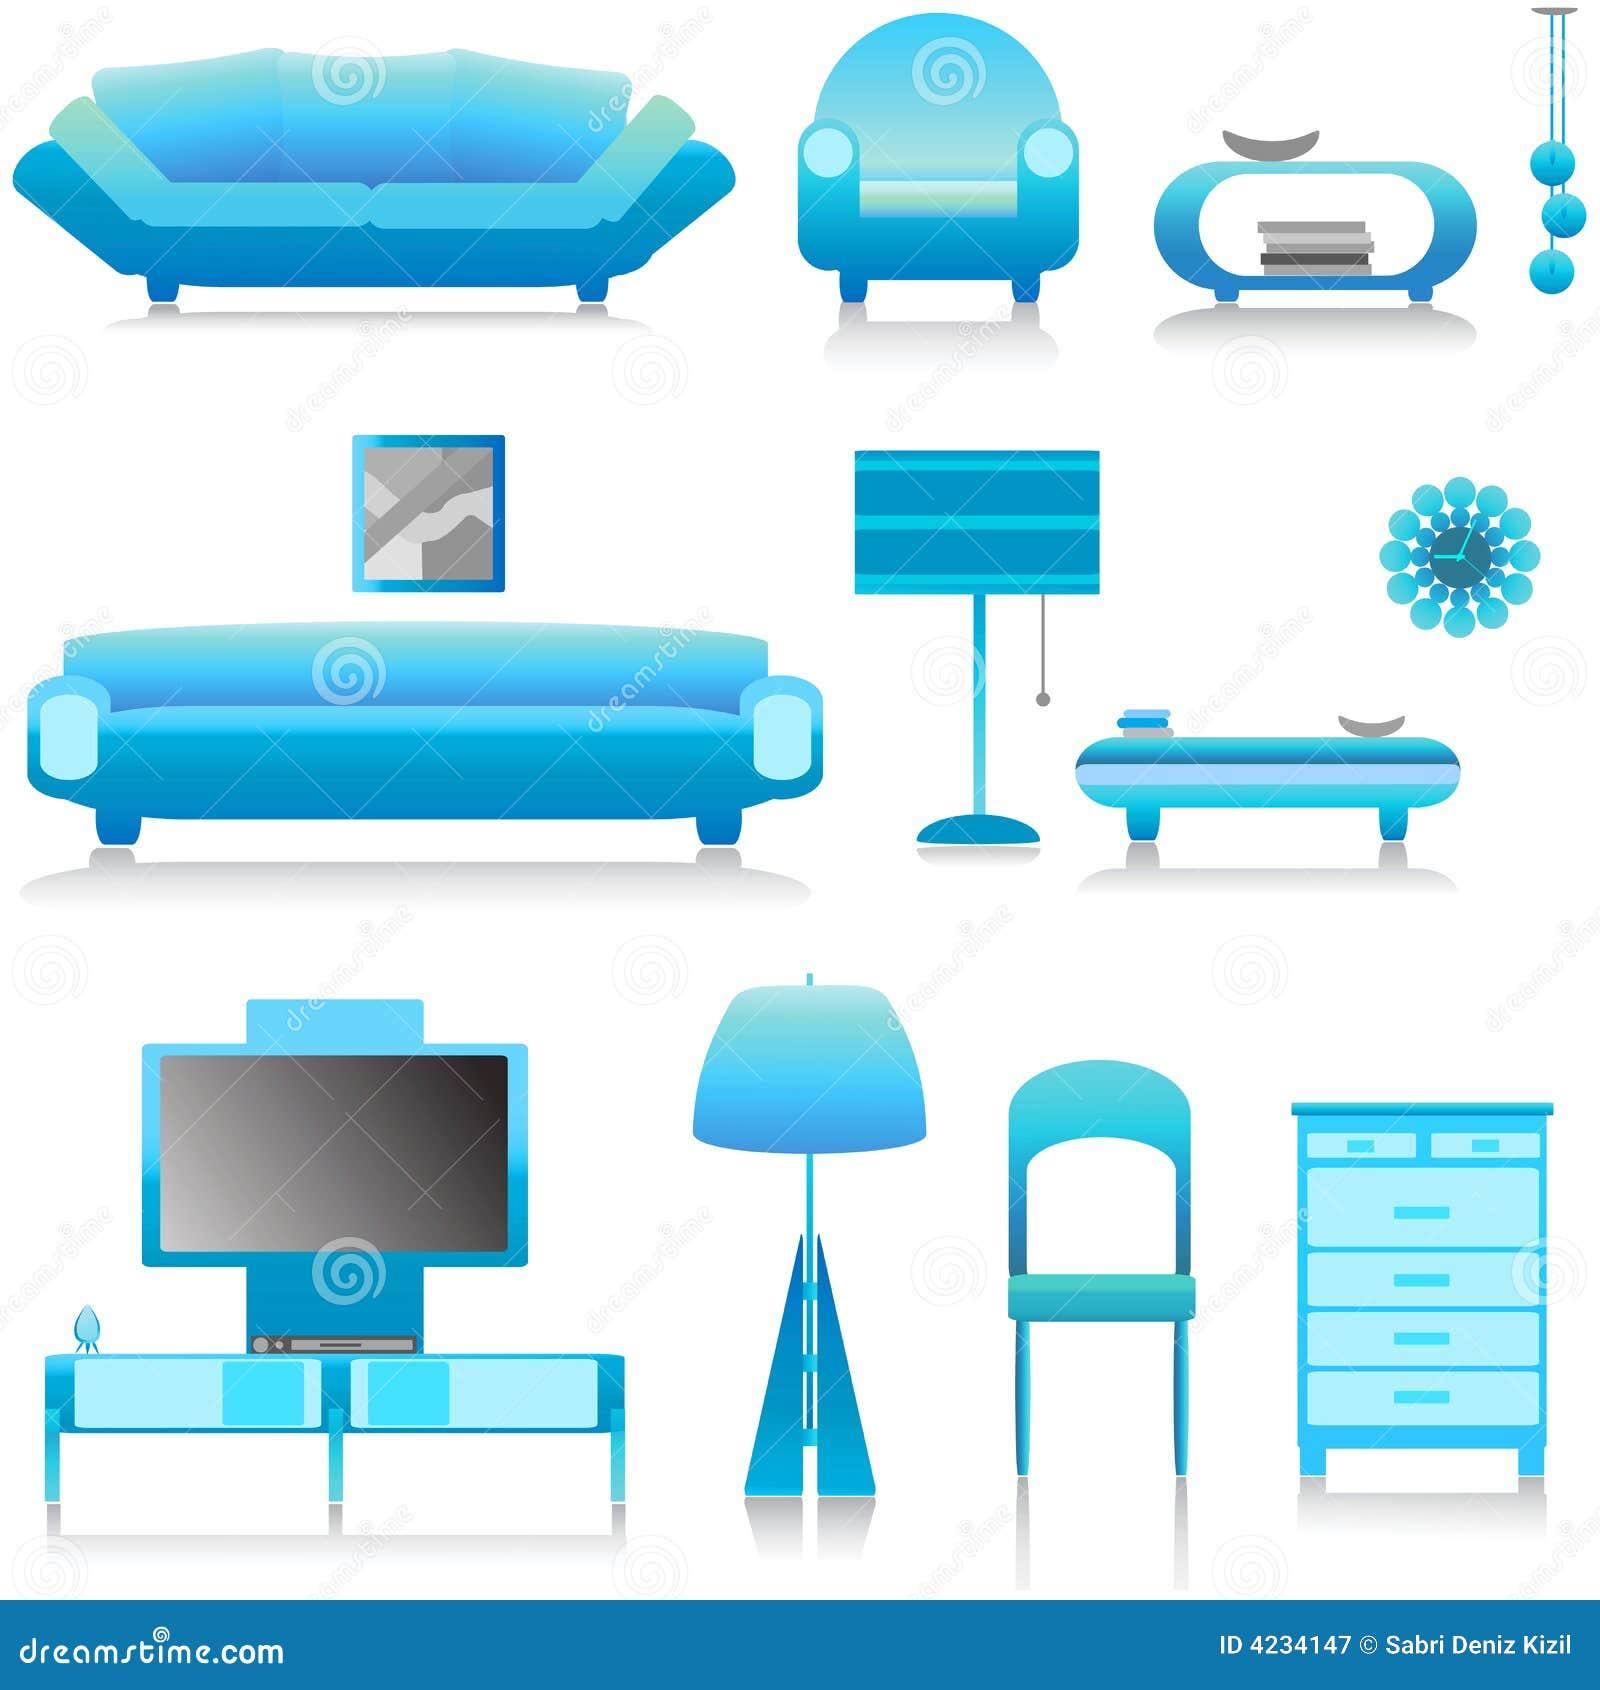 Interior design logo vector - Interior Design Vector 1